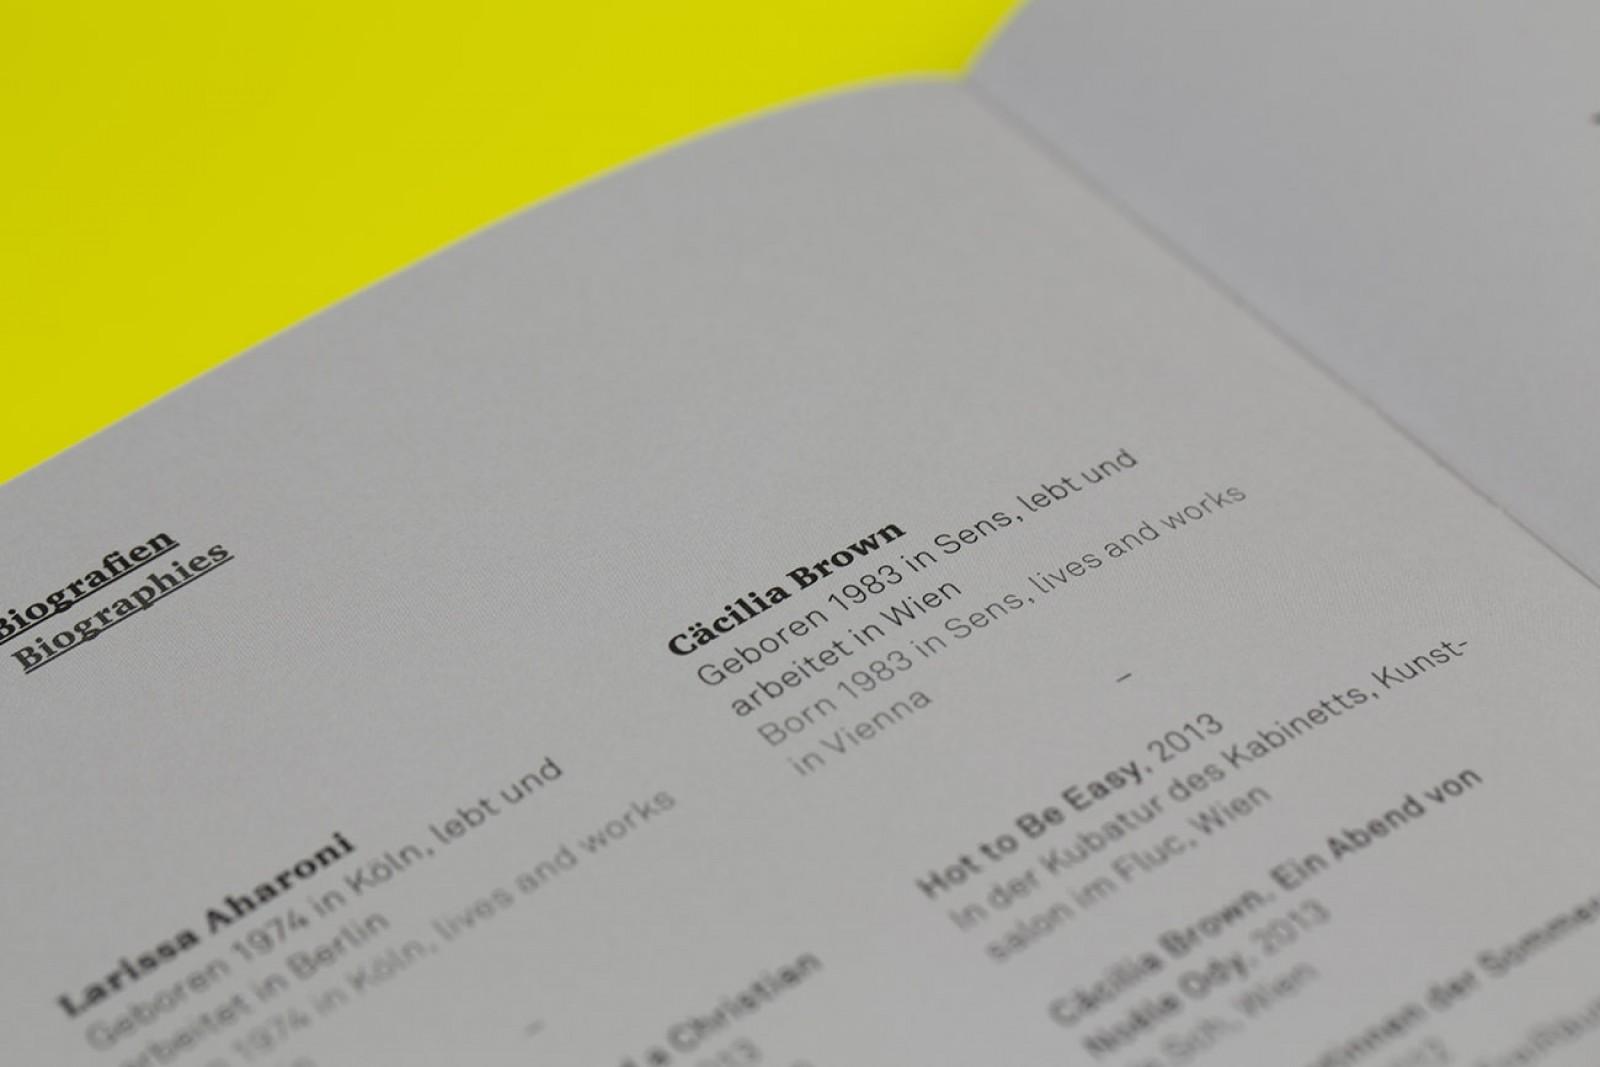 Schriftsatz und Layout der Künstler für den Salzburger Kunstverein